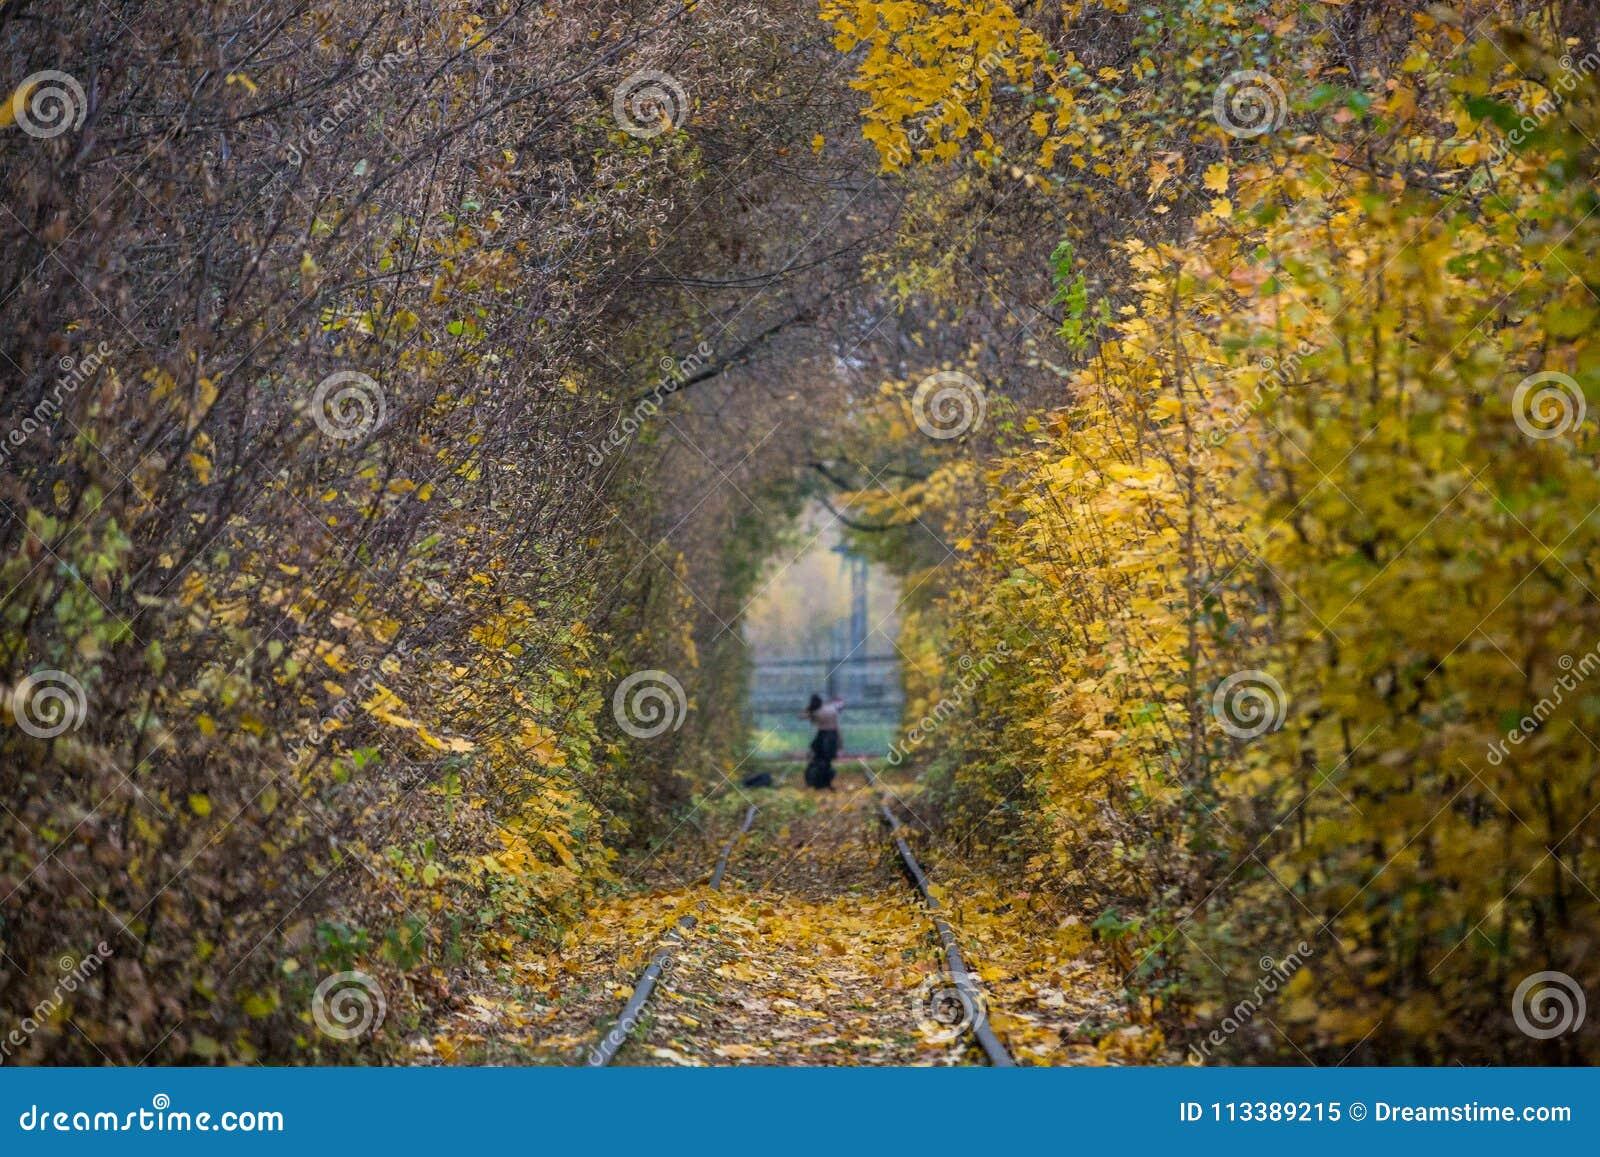 Paisaje De Autumn Fall Road Los árboles Reales Hacen Un Túnel Los